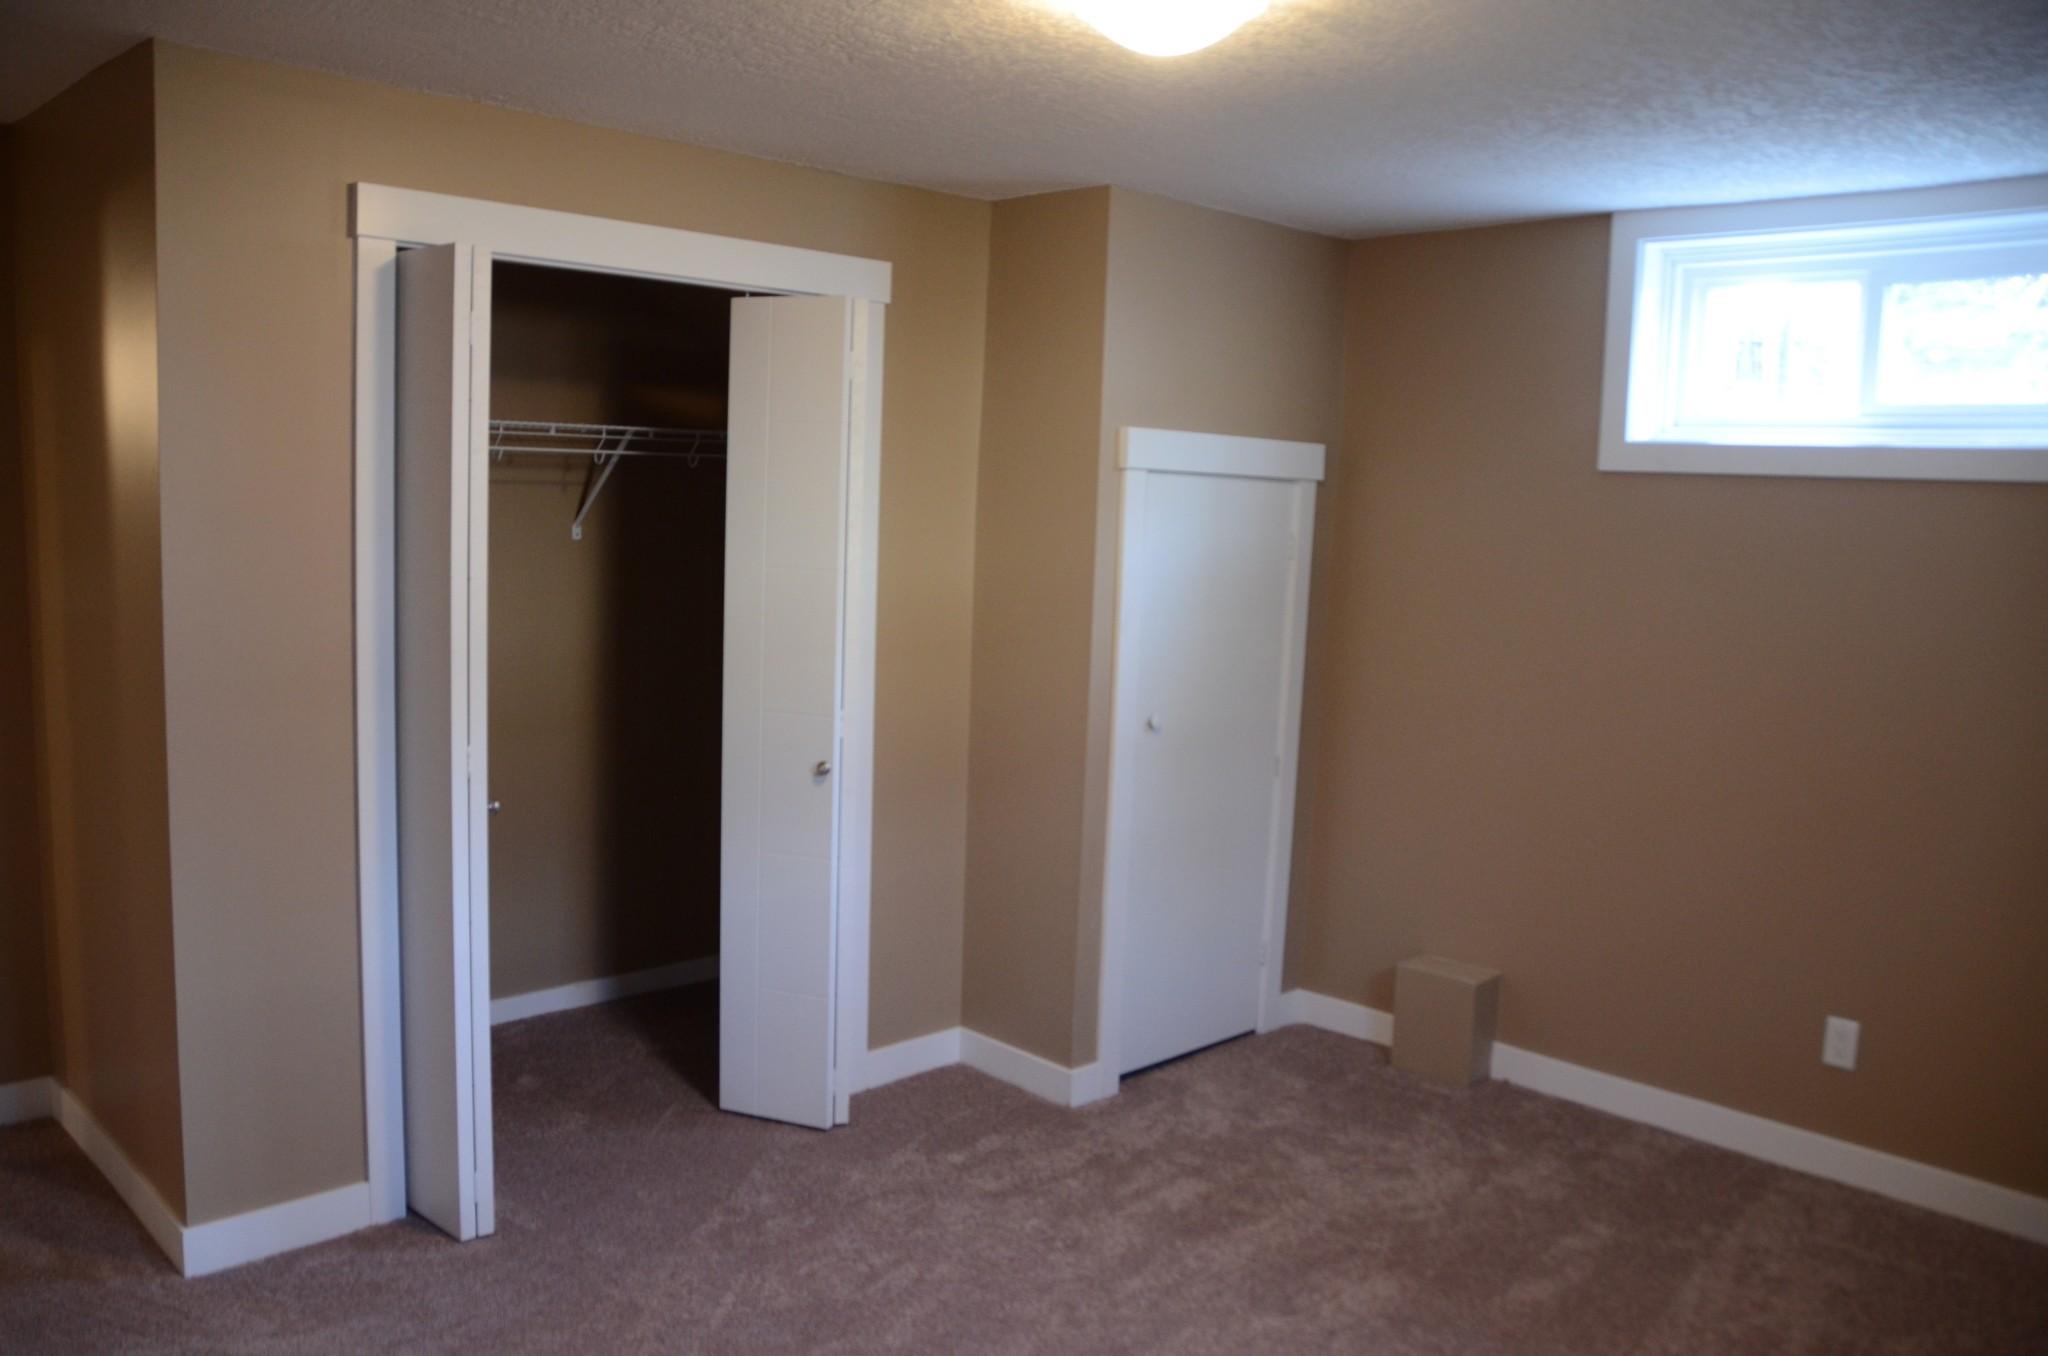 07-13307 Bedroom